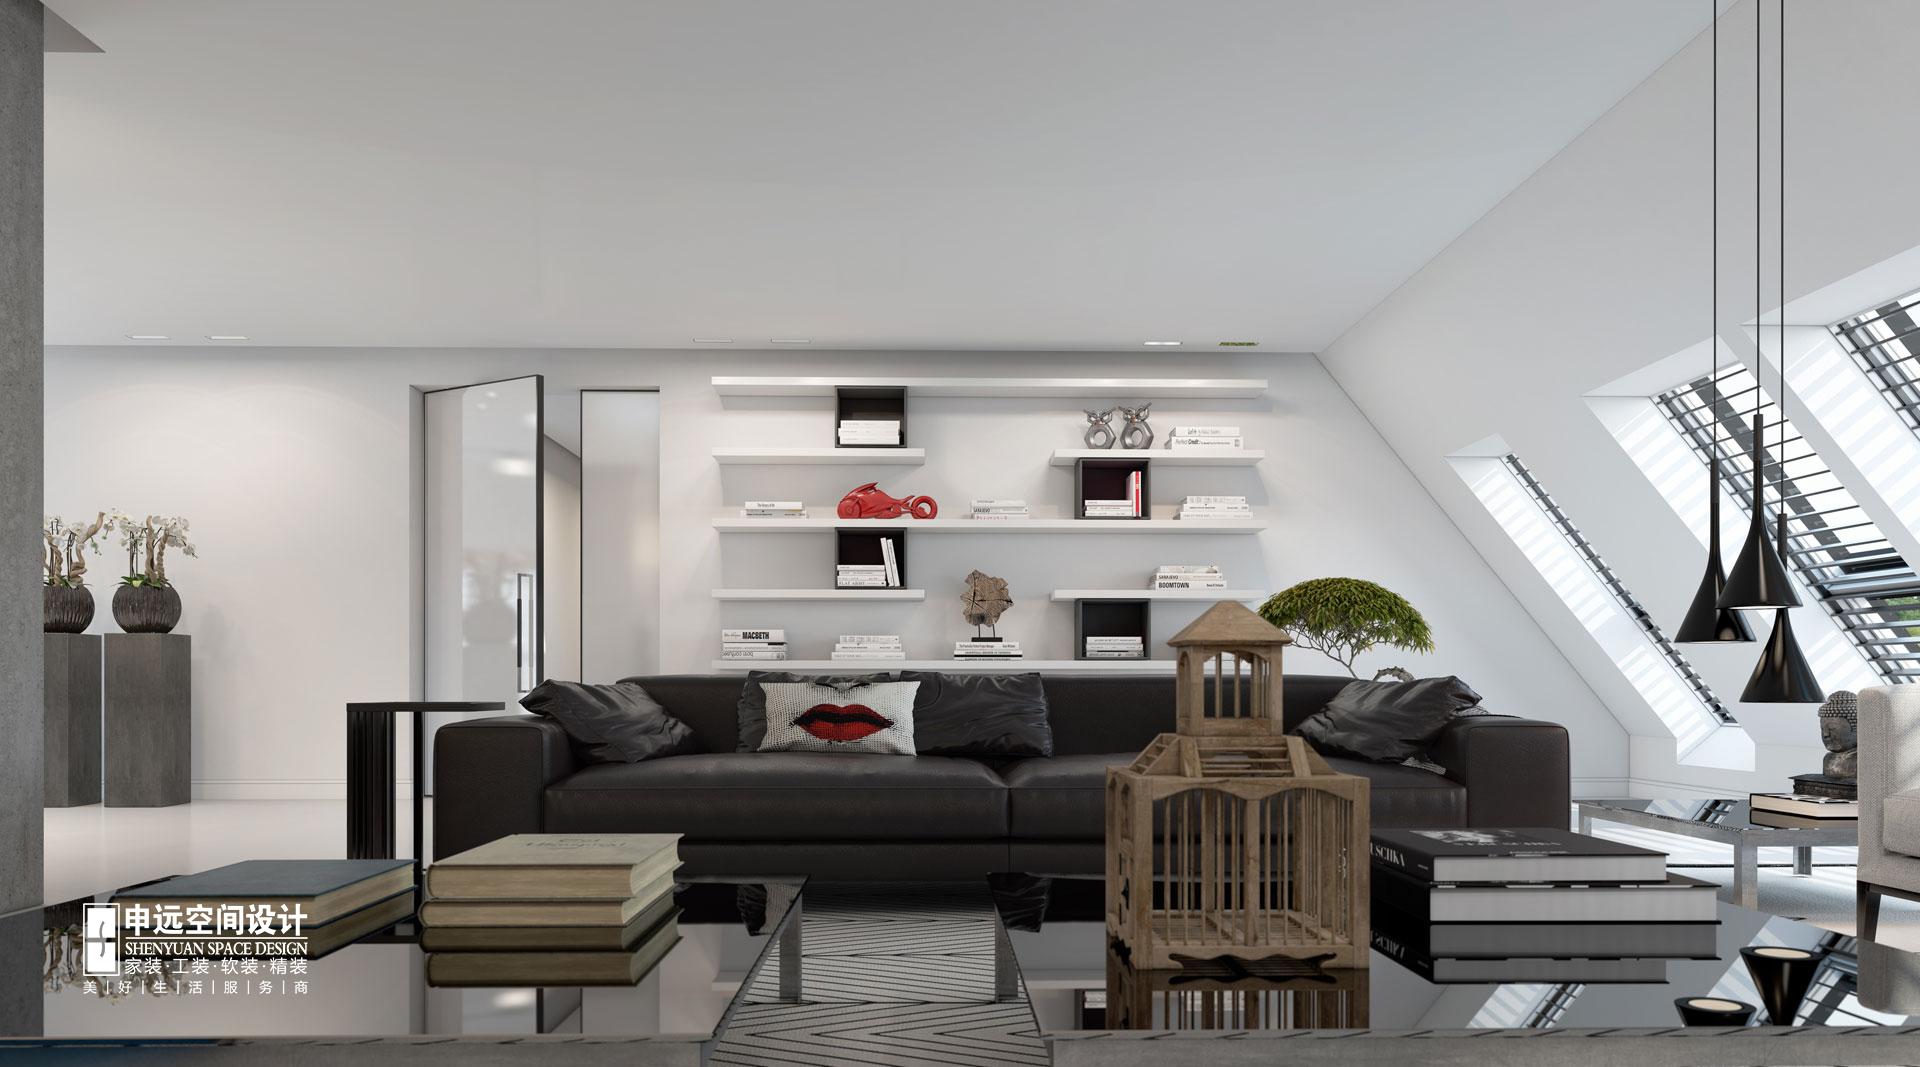 简约 别墅 北京申远 别墅装修 客厅图片来自申远空间设计北京分公司在北京申远空间设计-现代风格的分享